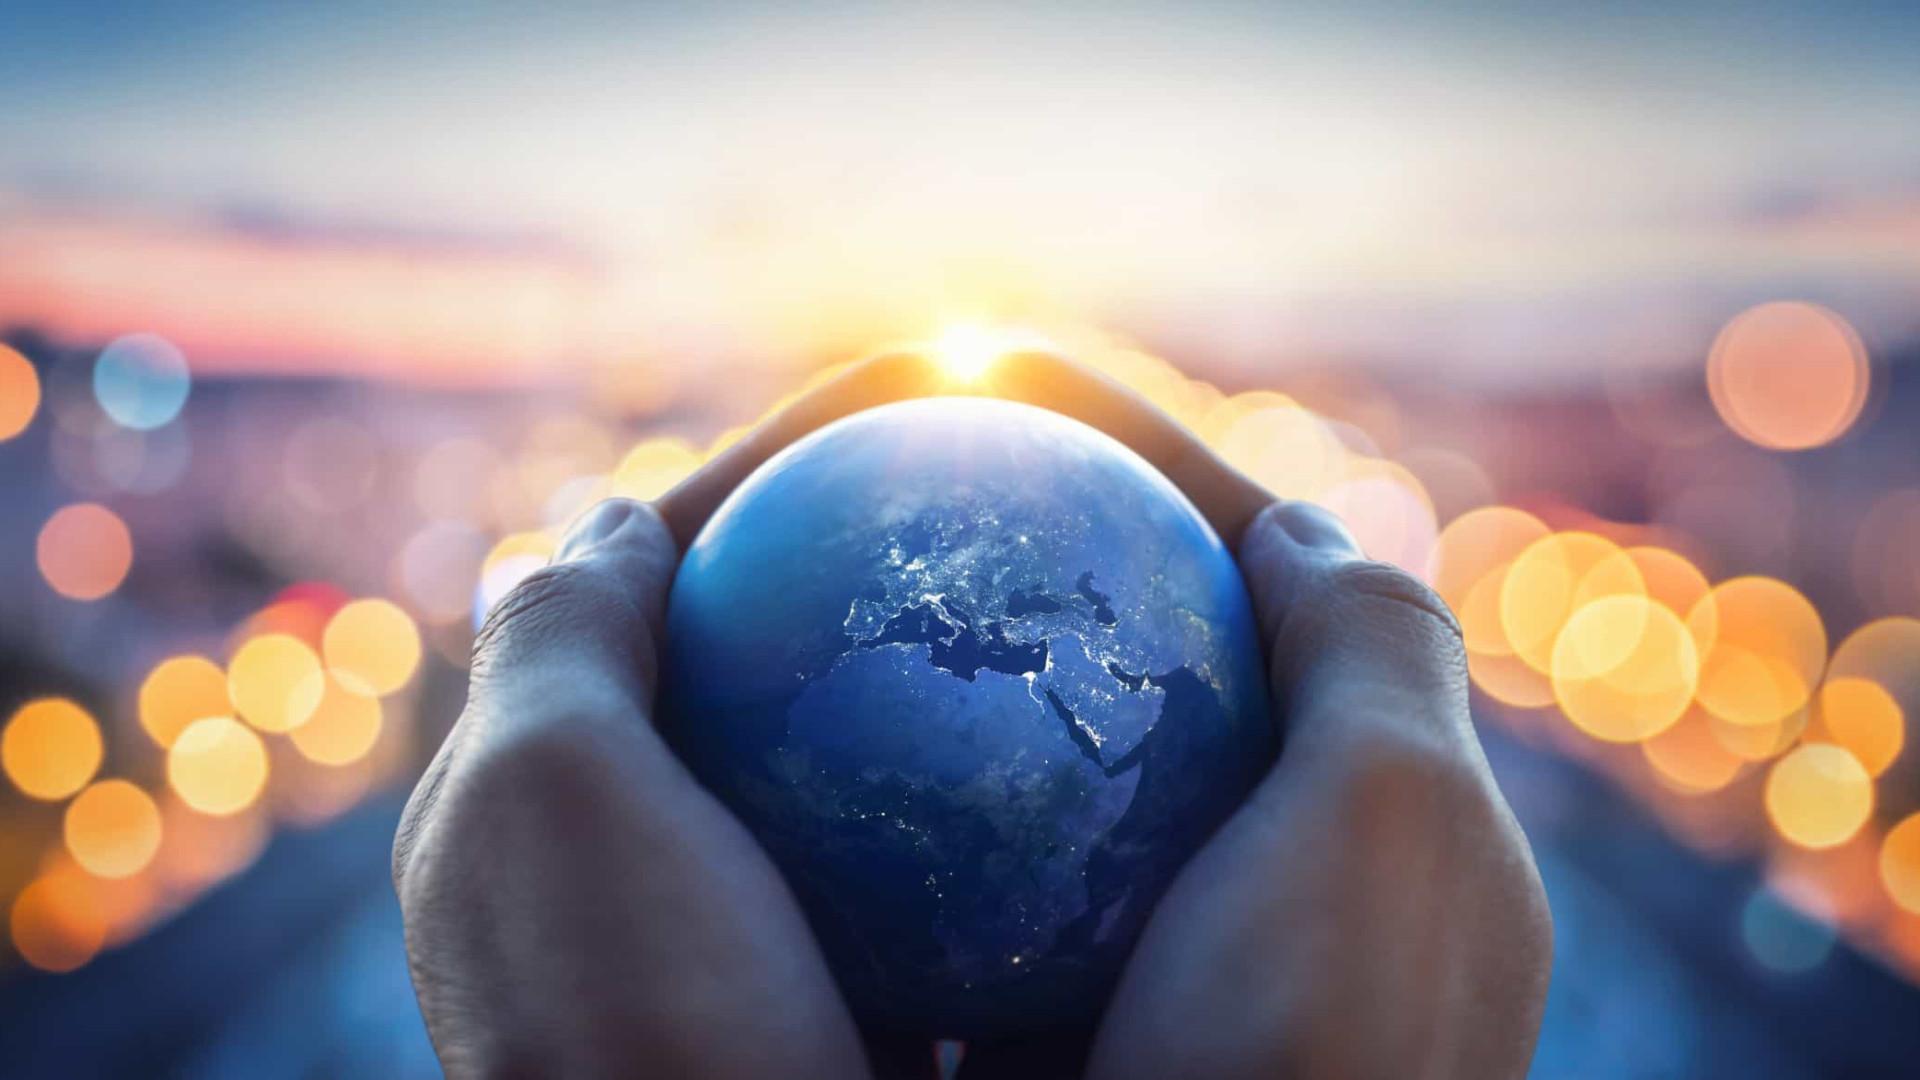 Europa quer criar 'gêmeas' virtuais da Terra para previsão climática